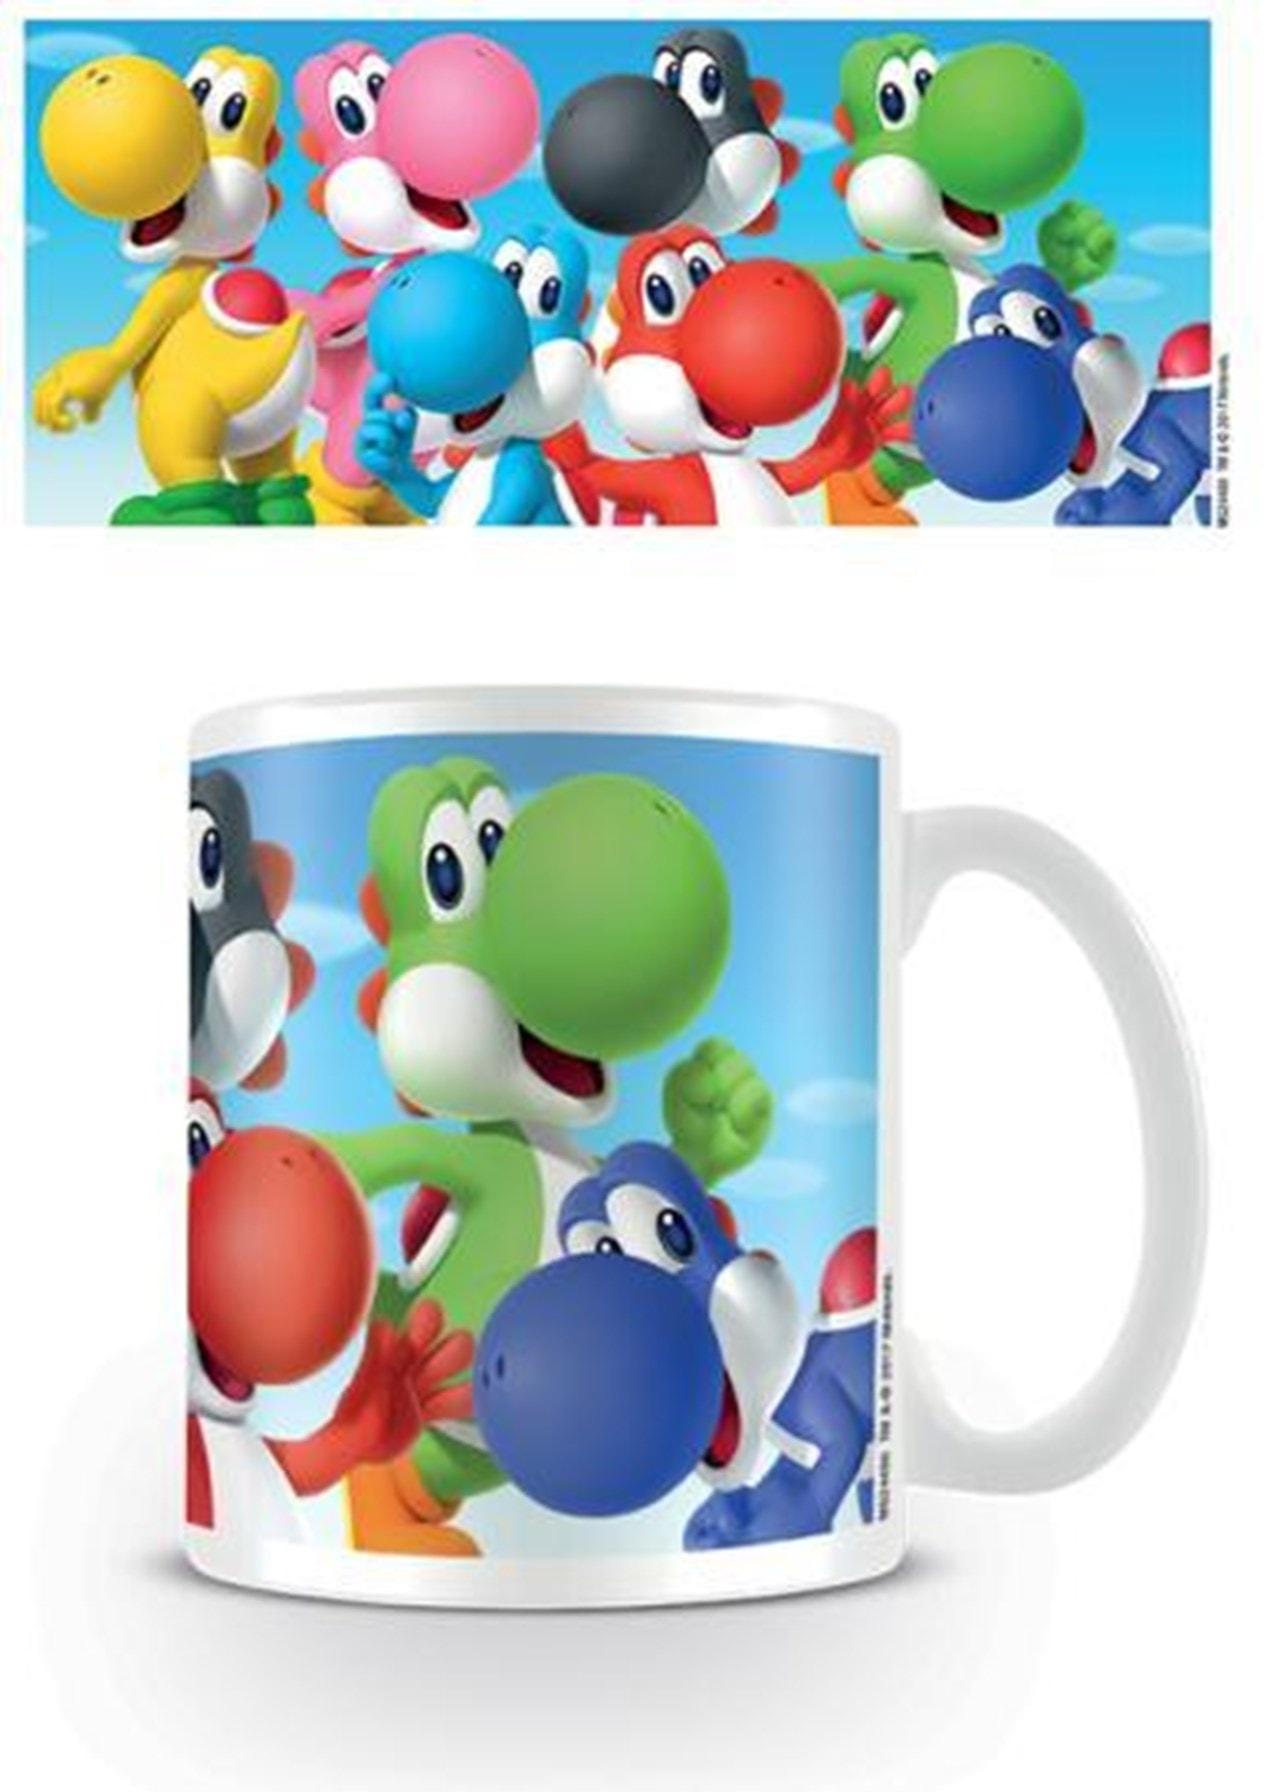 Super Mario Yoshi Mug - 1